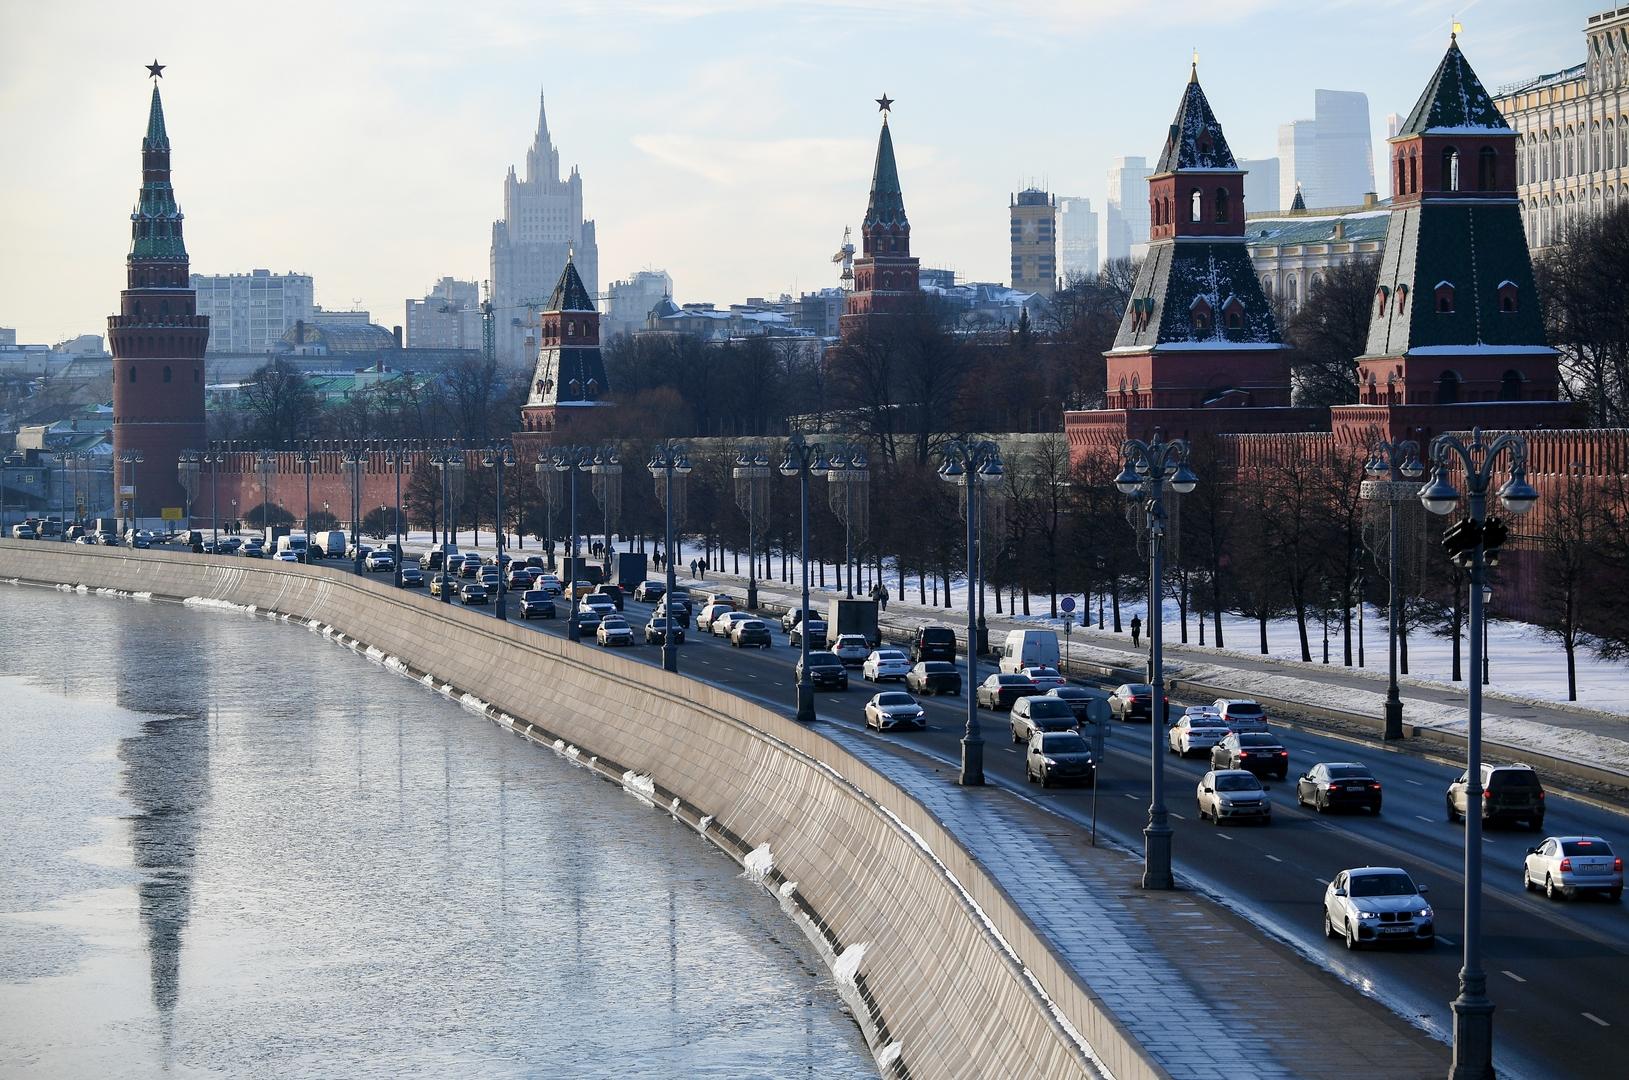 انتصار على كورونا.. مسؤول: الحياة ستعود إلى طبيعتها في موسكو خلال أشهر